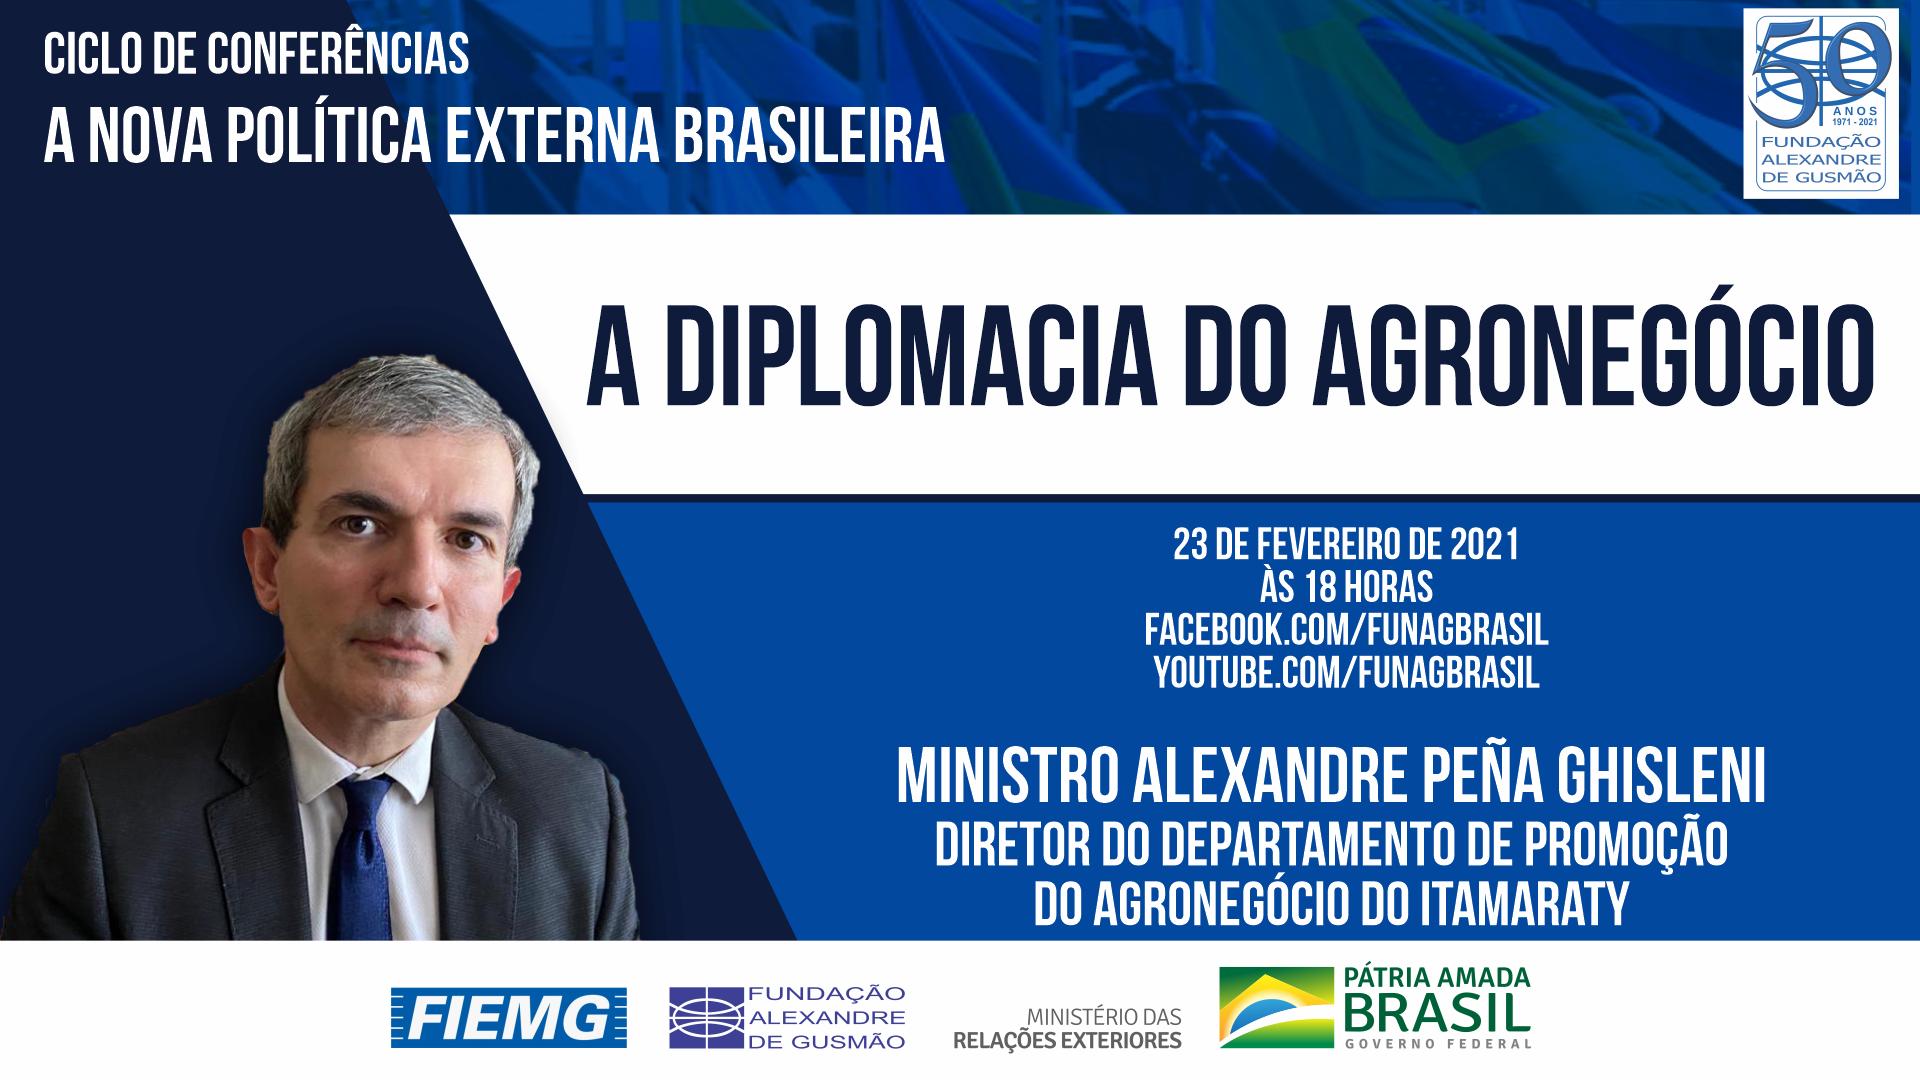 FUNAG promove conferência do Diretor do Departamento de Promoção do Agronegócio do Itamaraty